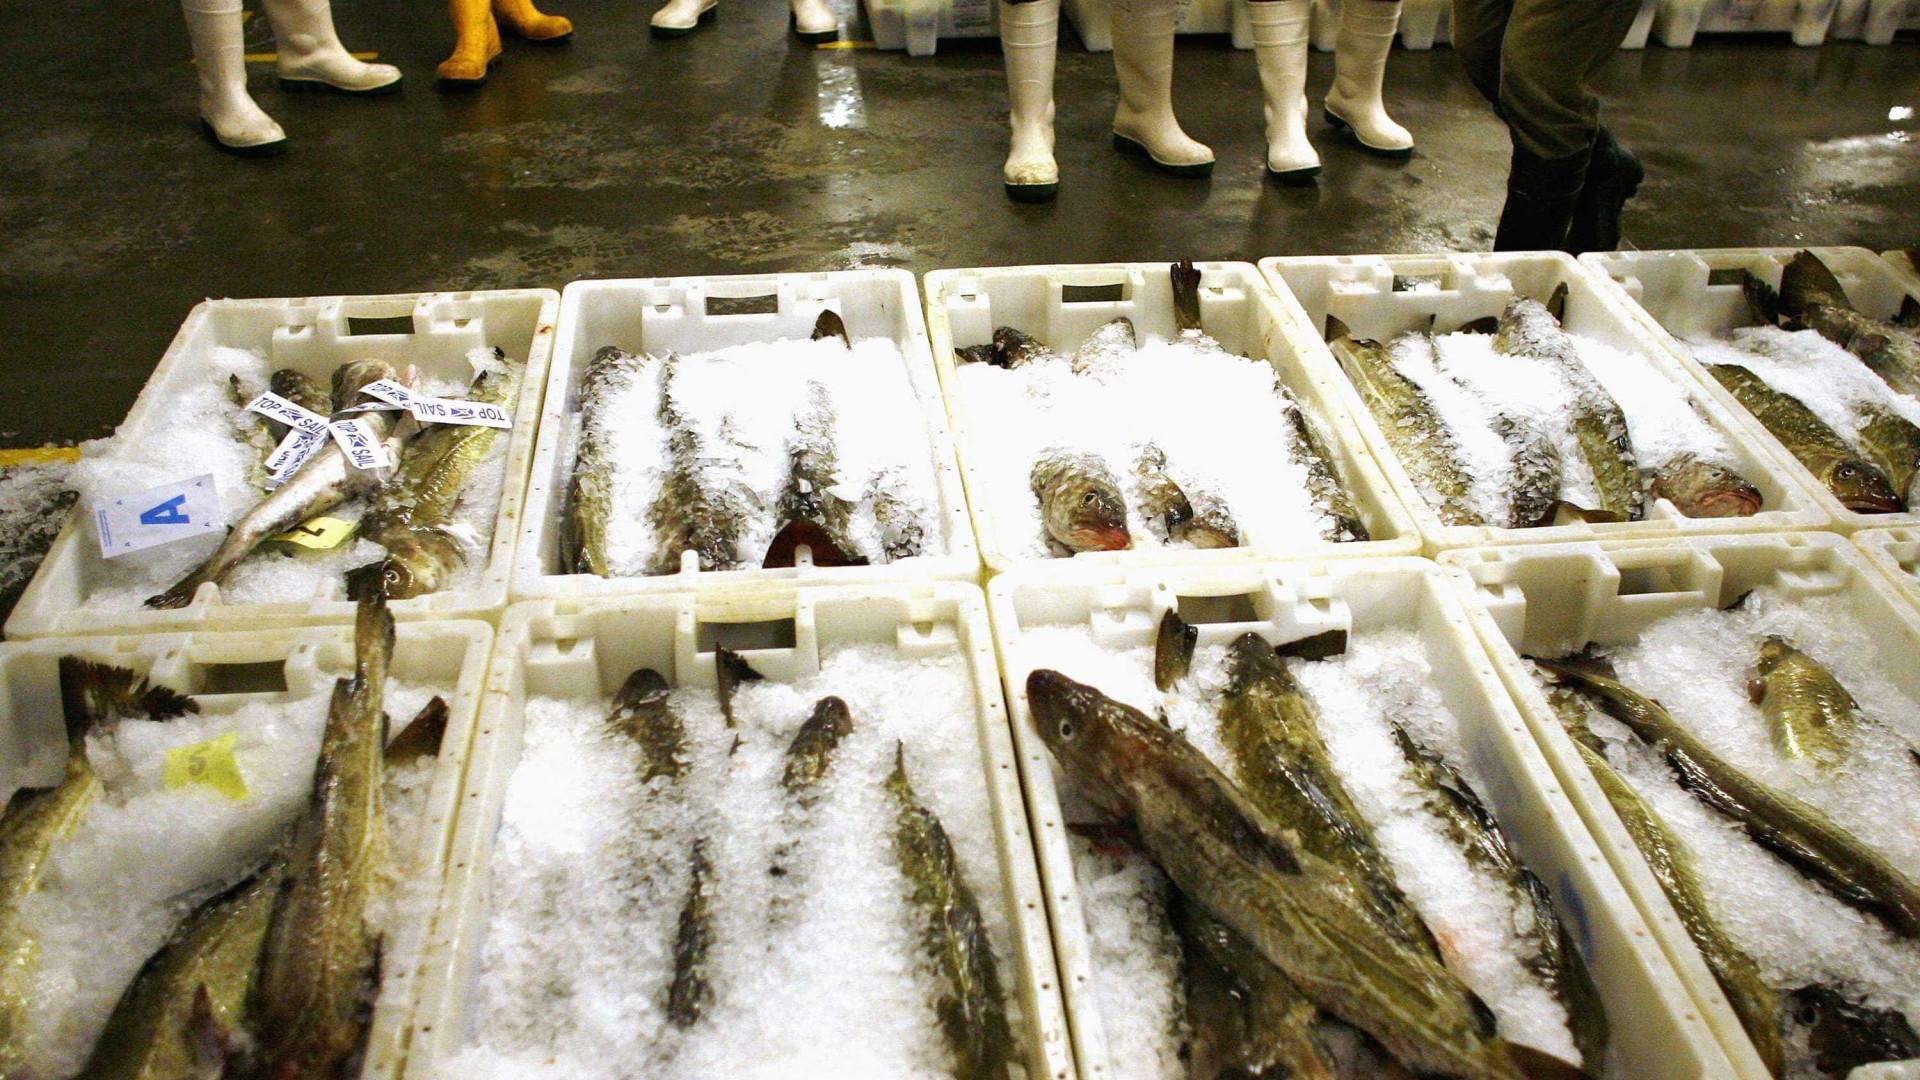 Maioria de pescado comido em Portugal e Mediterrâneo é importado